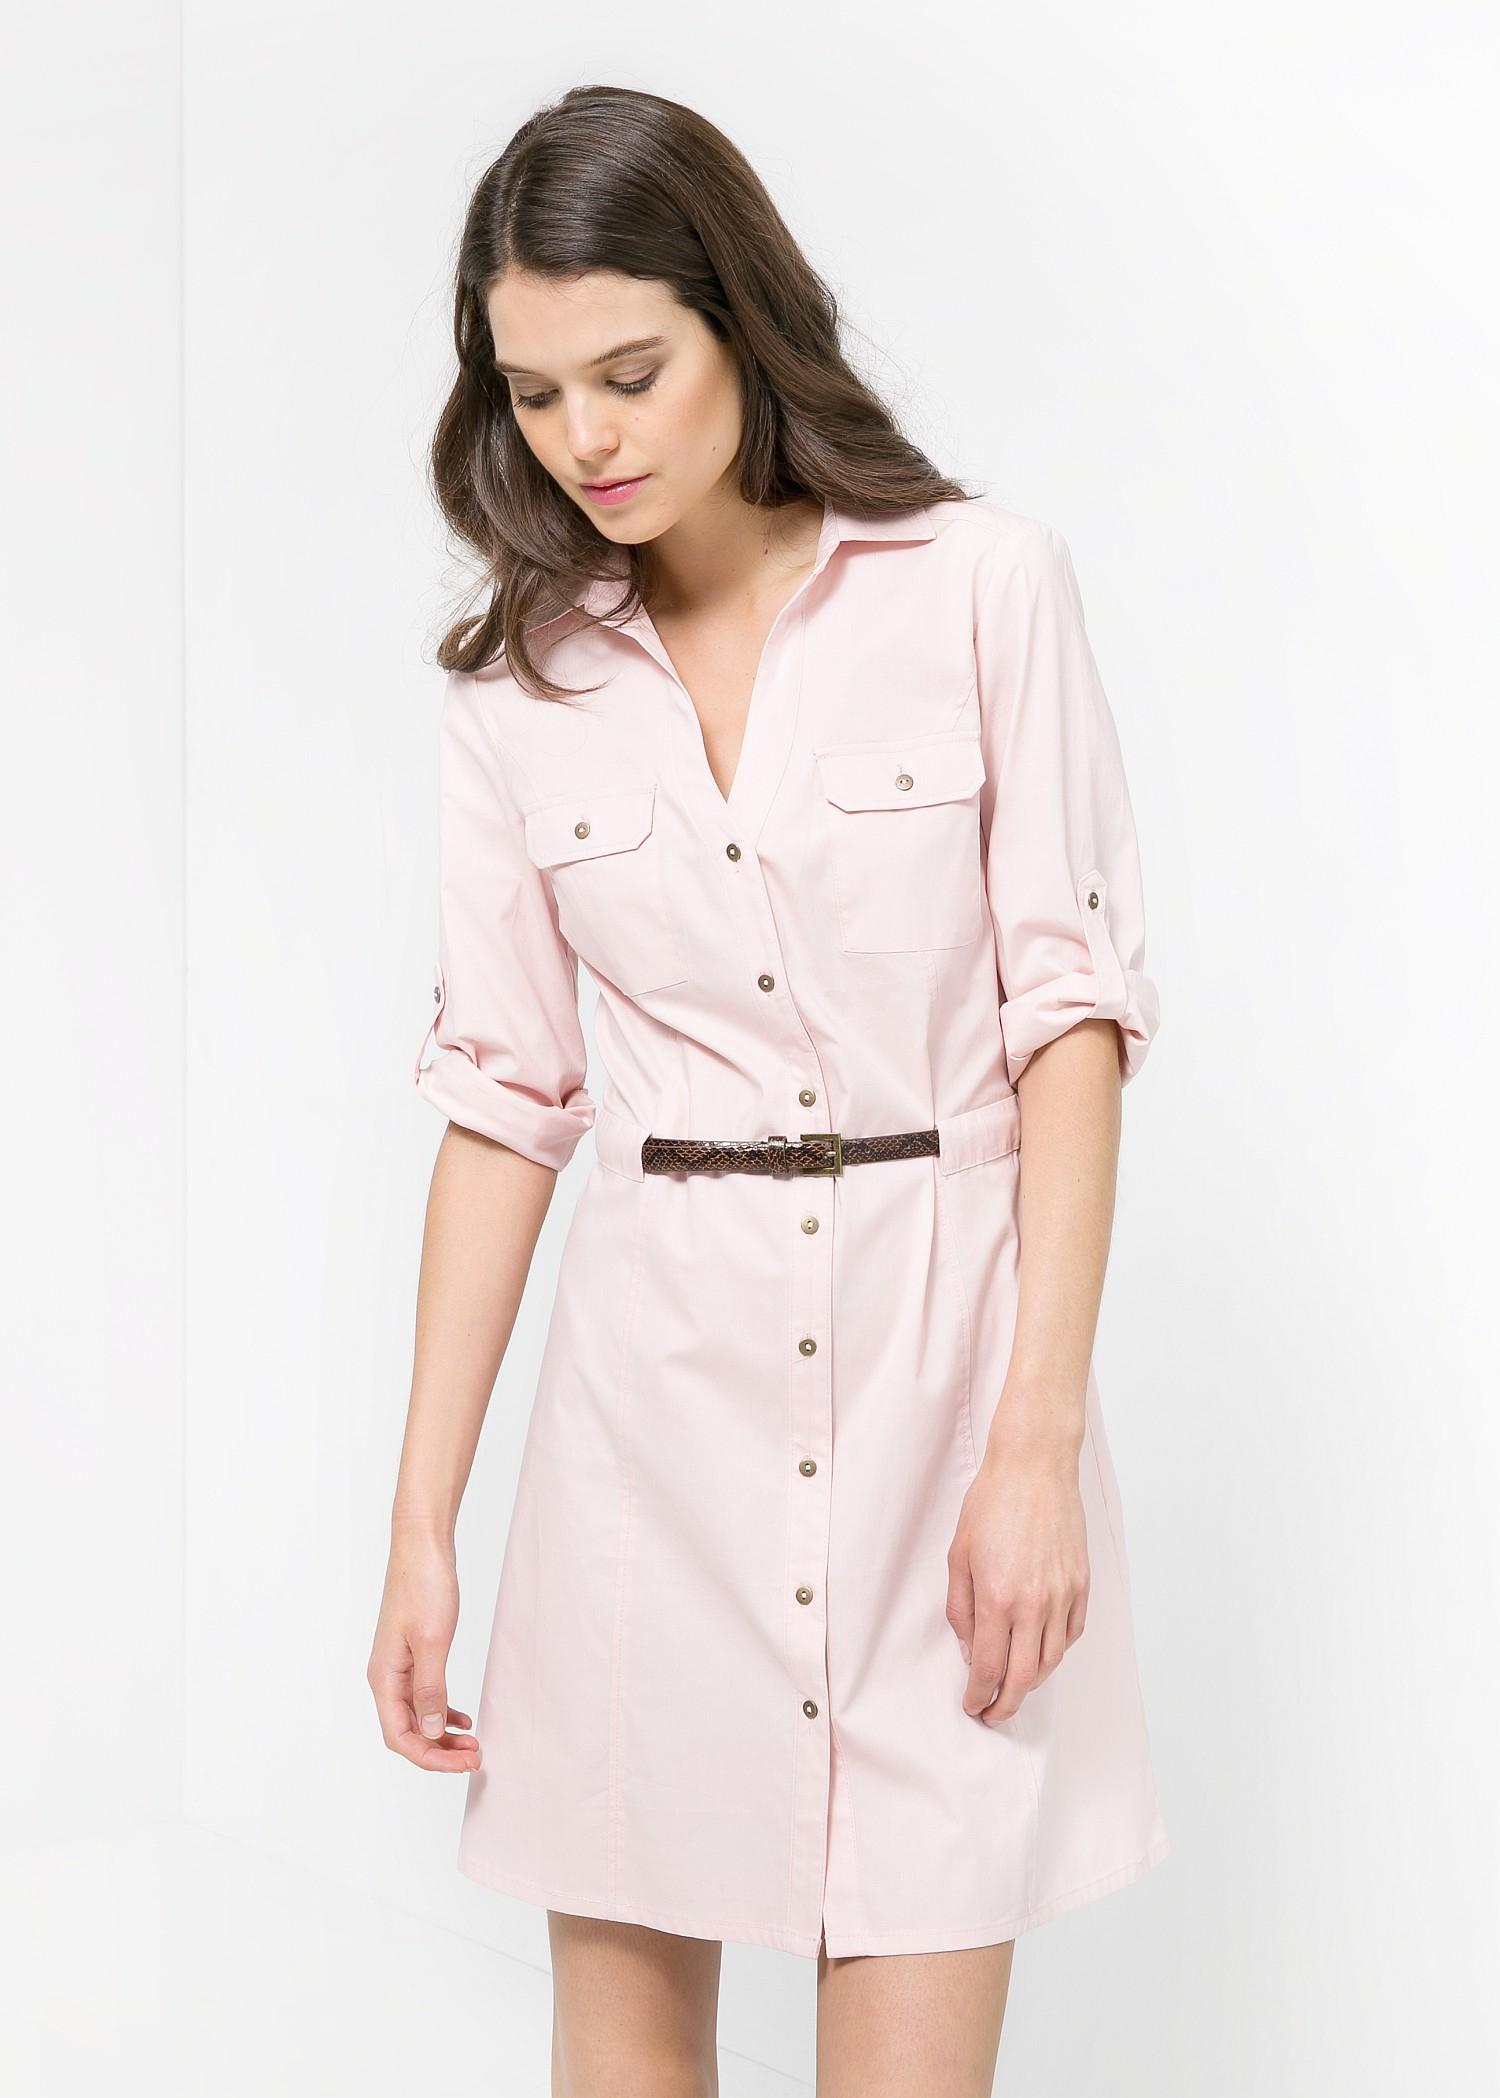 Mango Belted-Waist Shirt Dress in Pink  Lyst